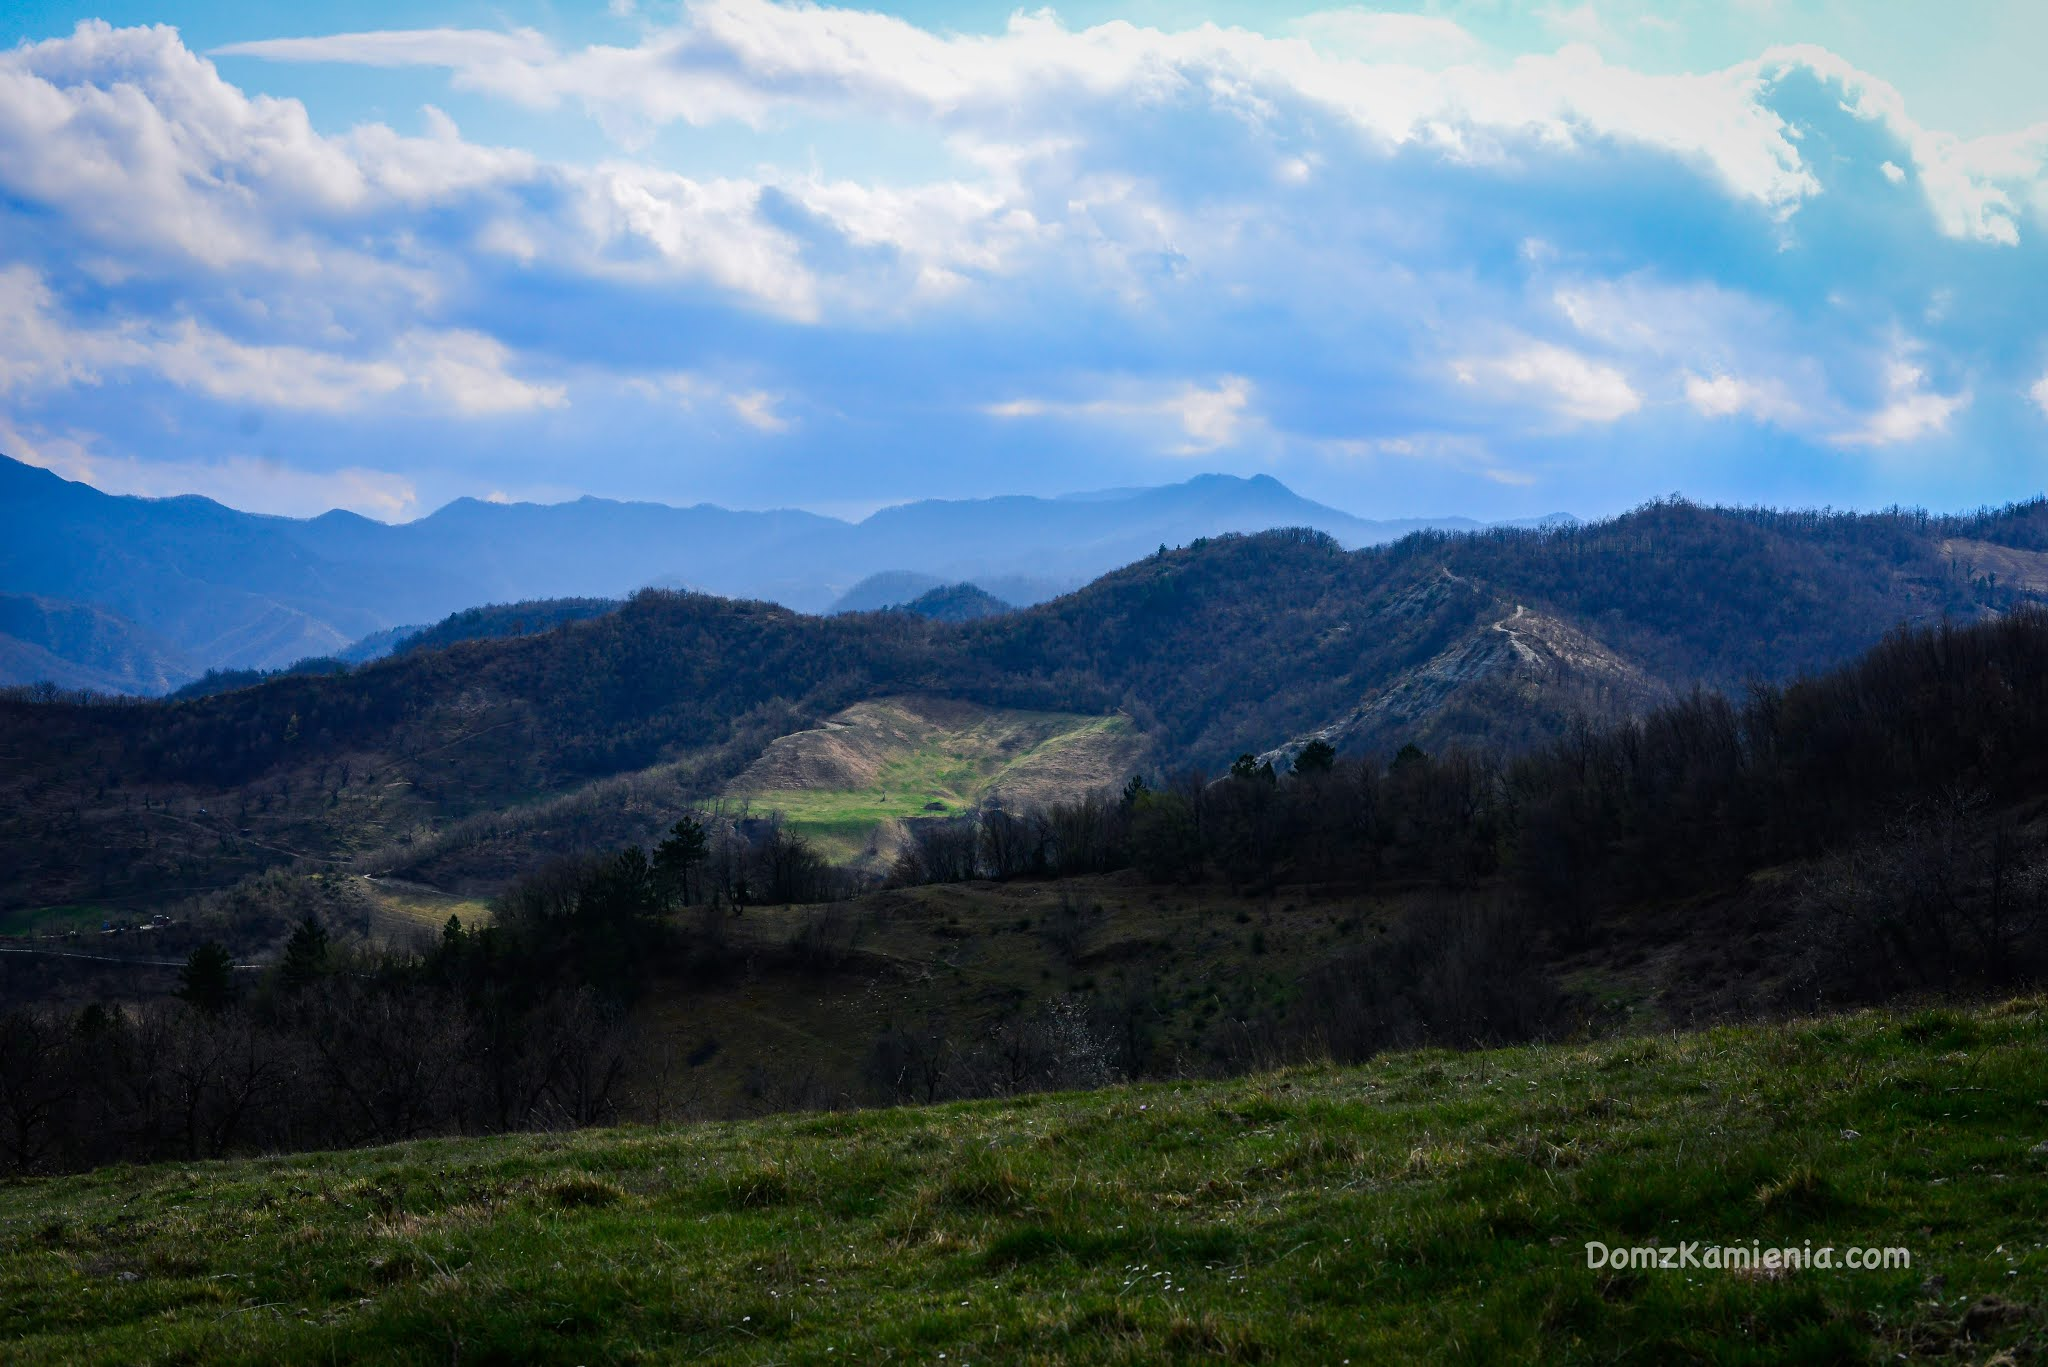 Dom z Kamienia - blog o życiu w Toskanii, Marradi